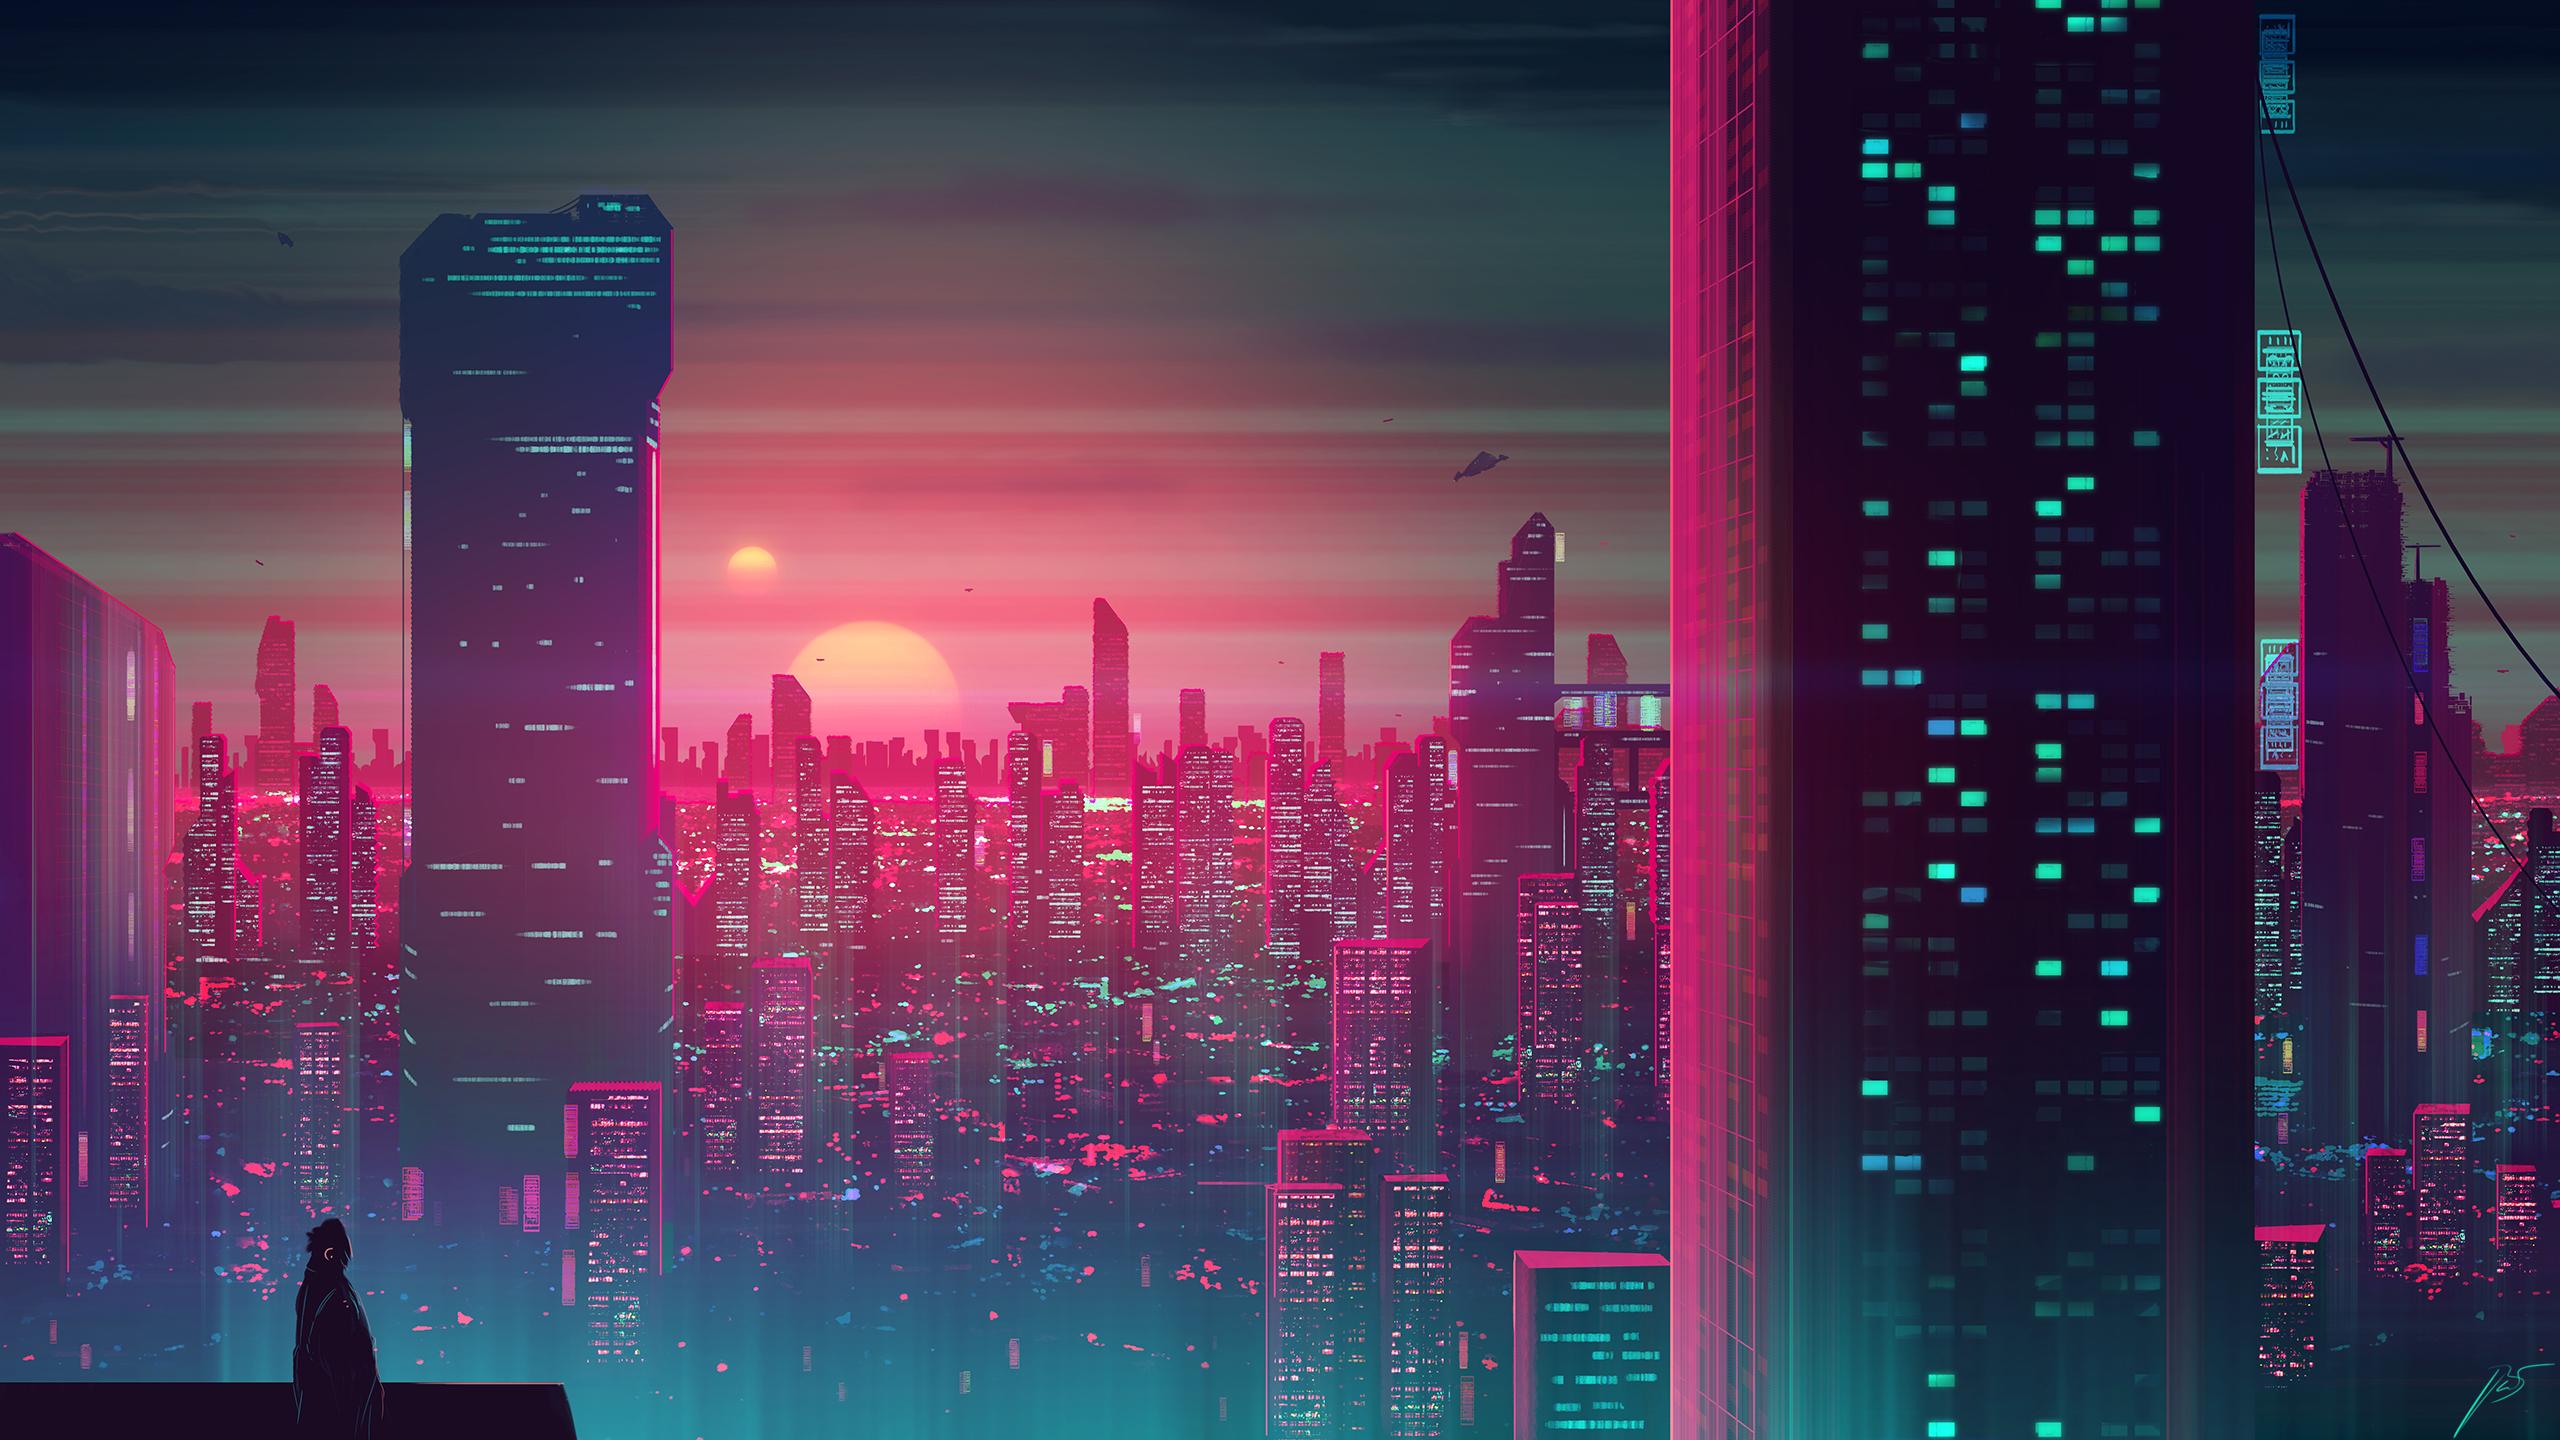 General 2560x1440 futuristic science fiction skyscraper JoeyJazz cityscape